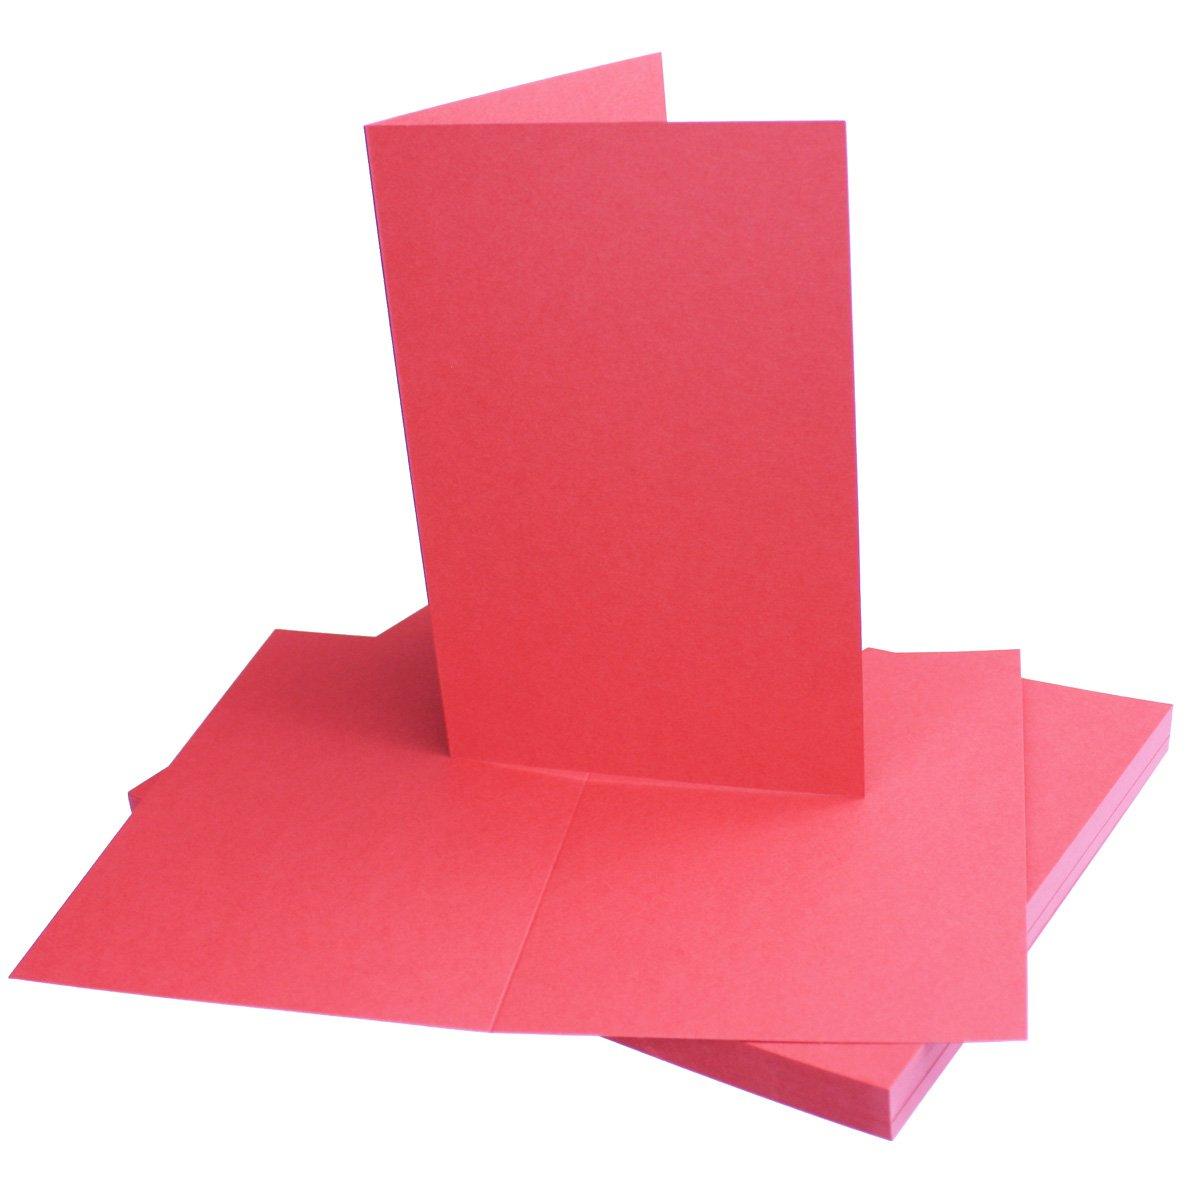 150 Sets - Faltkarten Faltkarten Faltkarten Hellgrau - DIN A5  Umschläge  Einlegeblätter DIN C5 - PREMIUM QUALITÄT - sehr formstabil - Qualitätsmarke  NEUSER FarbenFroh B07CC2JGC5 | Sonderaktionen zum Jahresende  31a0c1